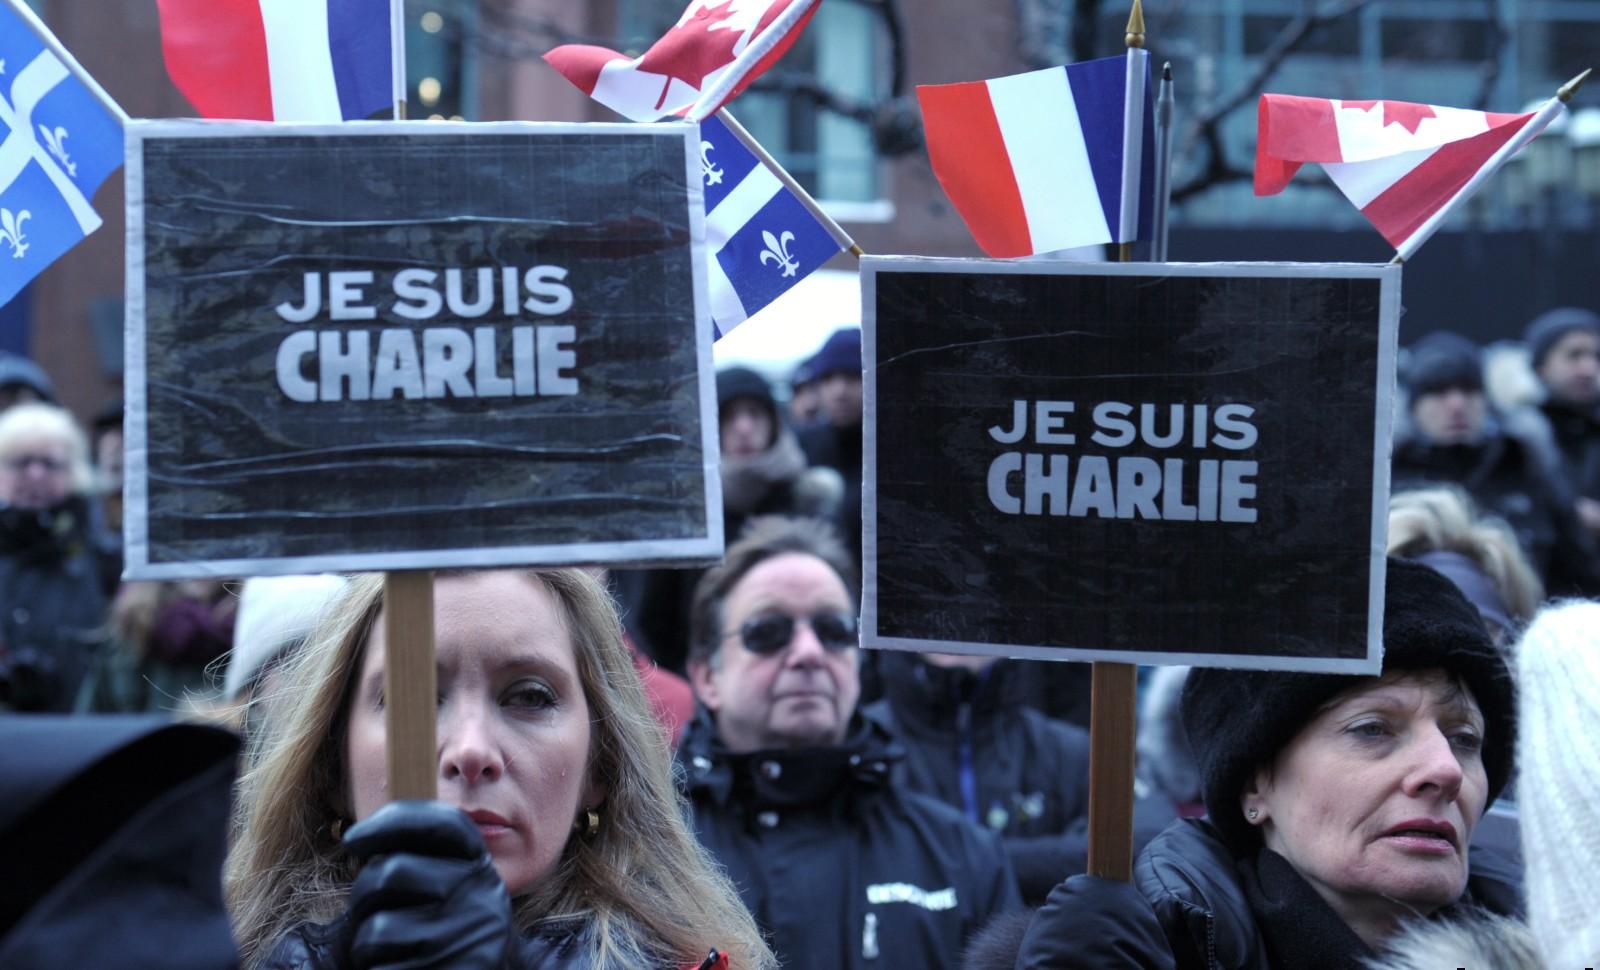 Marche républicaine, en solidarité avec le peuple français, Montréal, 11 janvier 2015. © Marc BRAIBANT/ AFP